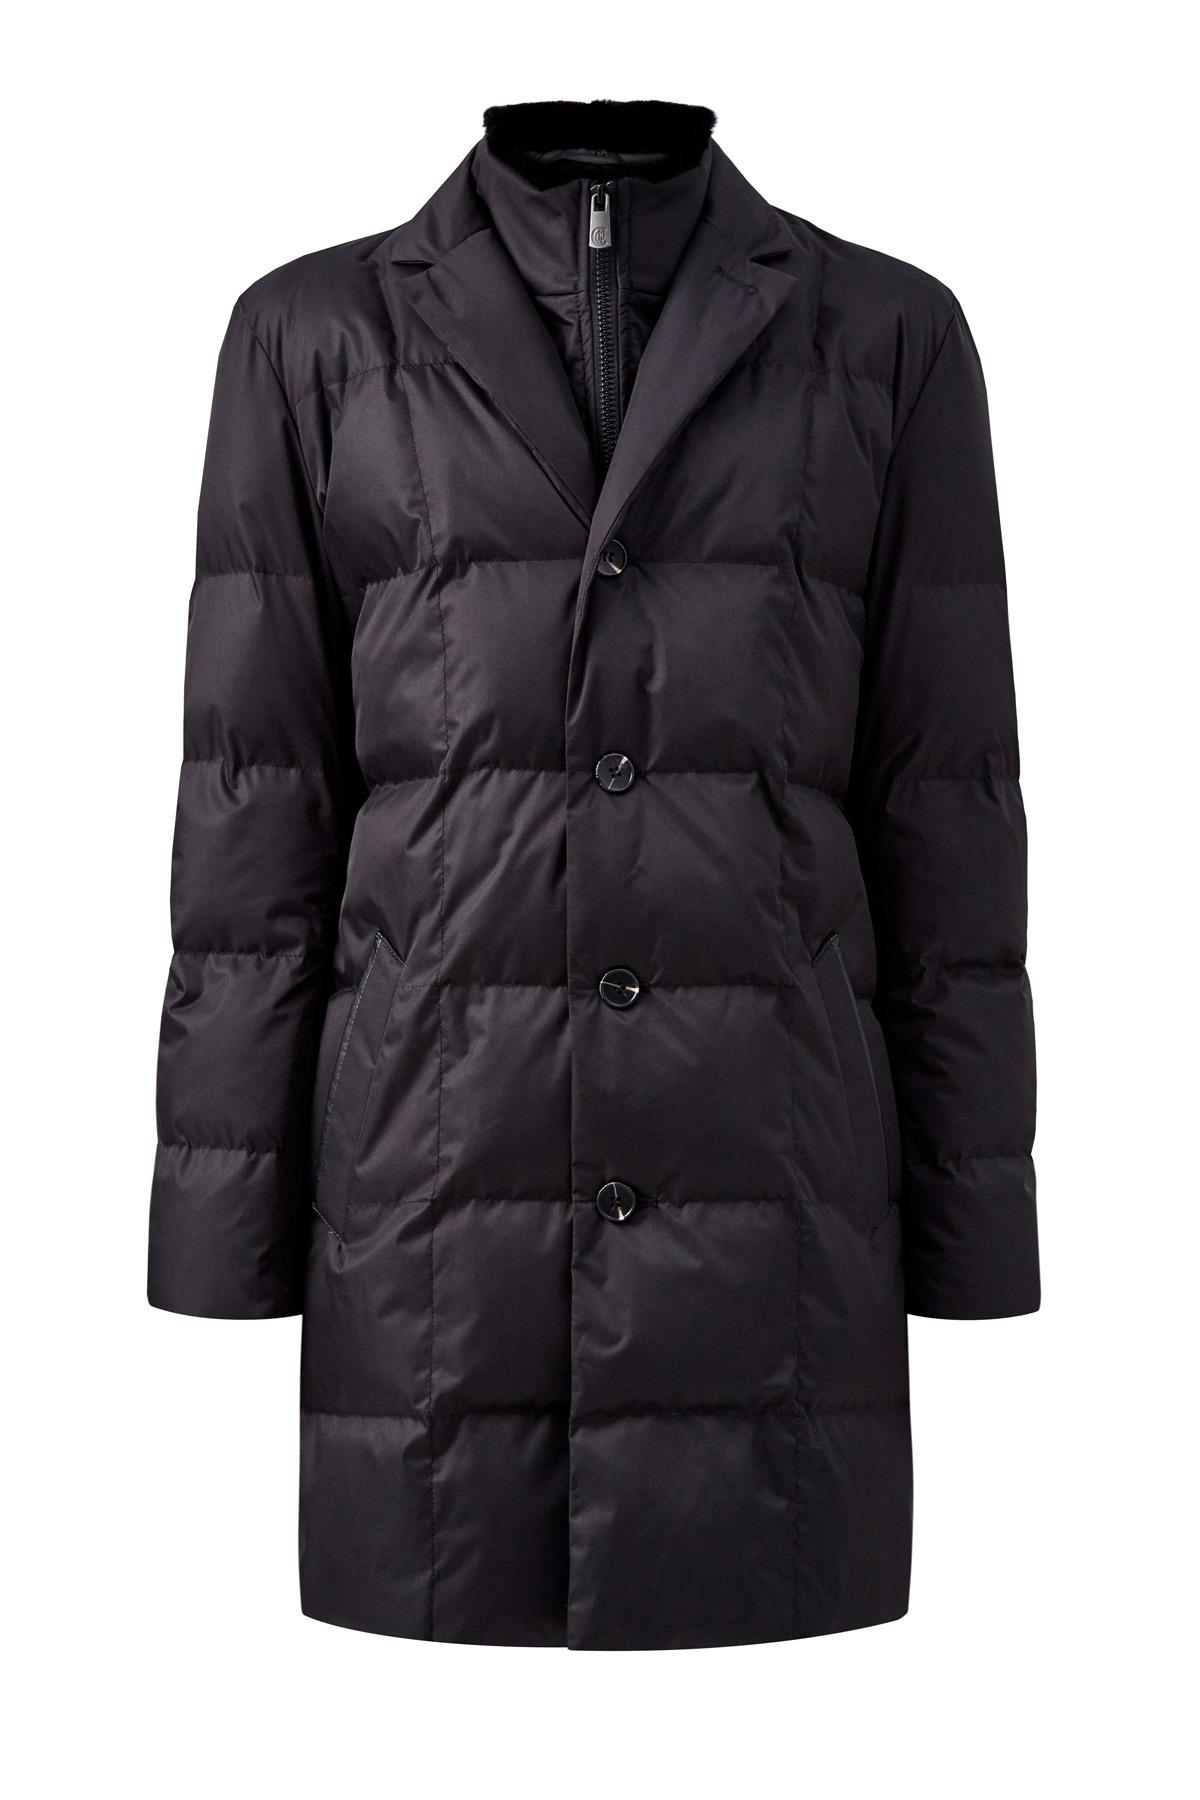 Куртка в классическом стиле с мехом кролика на воротнике фото